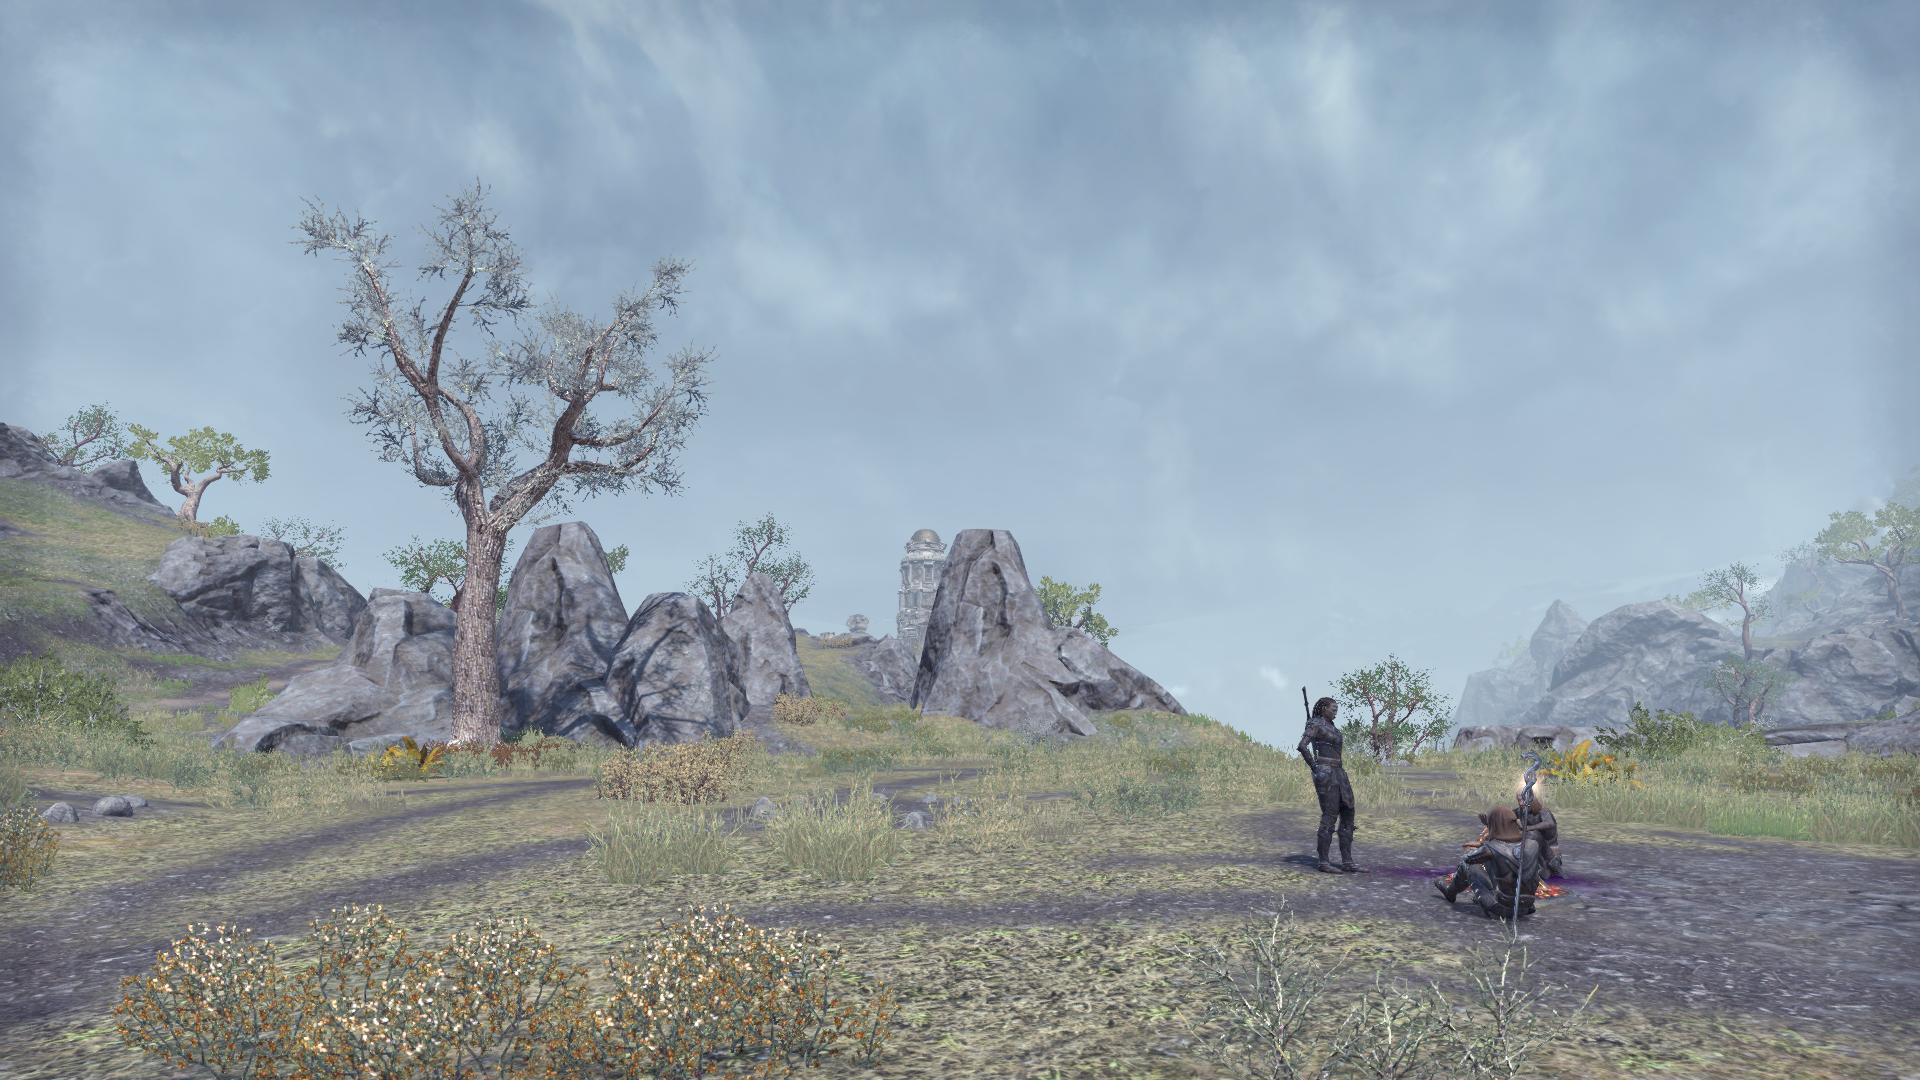 Reachwind Ritual Site